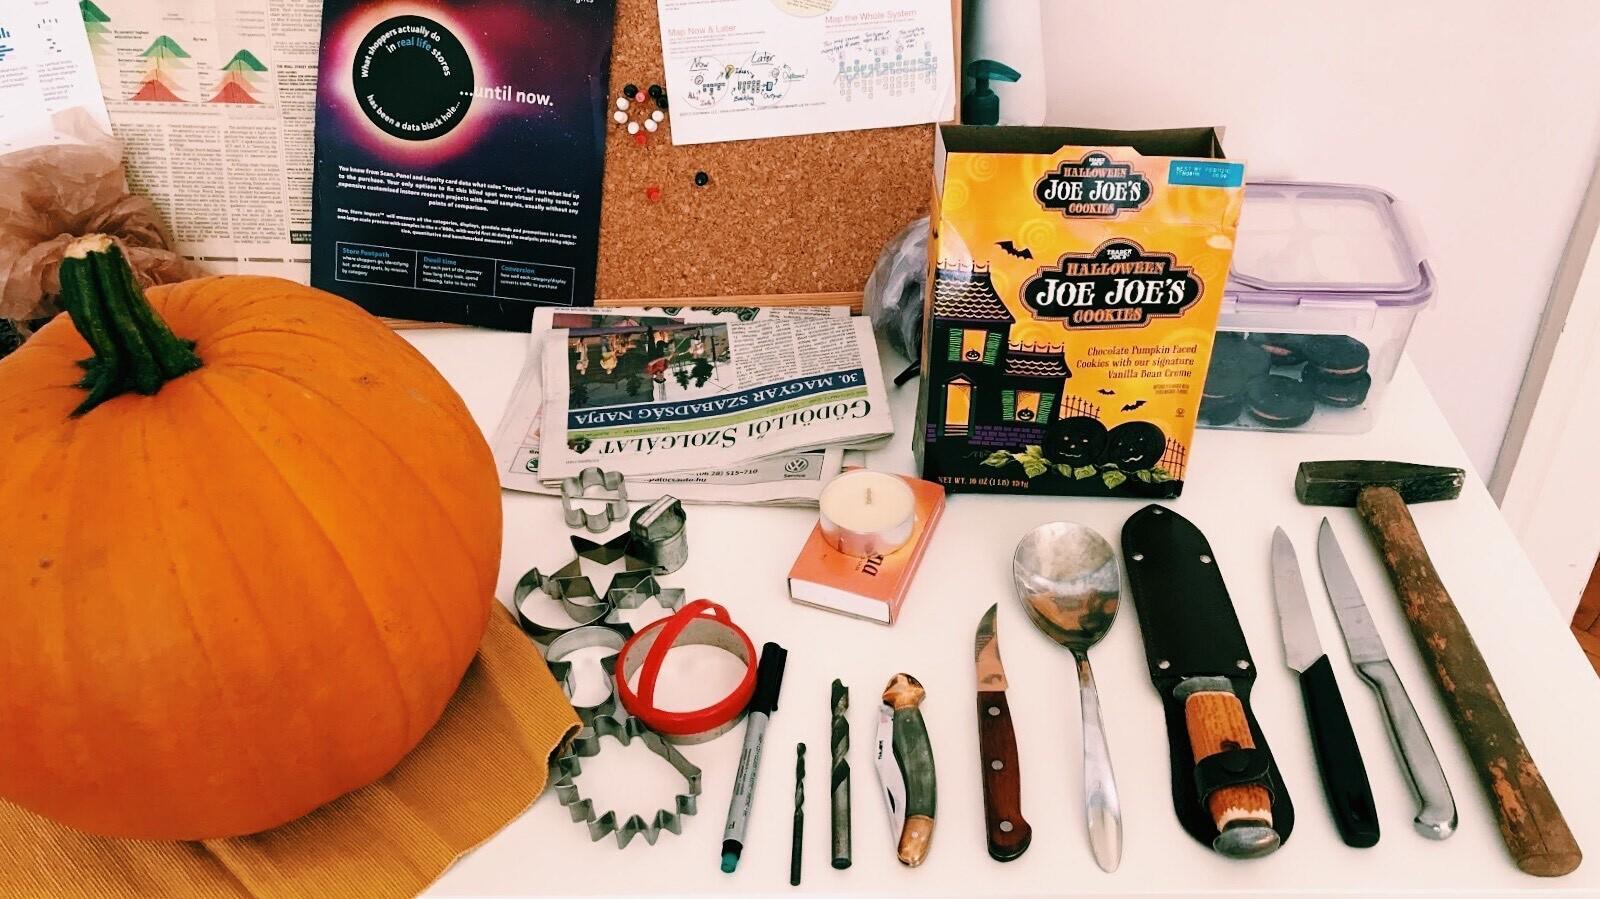 The pumpkin carving tools